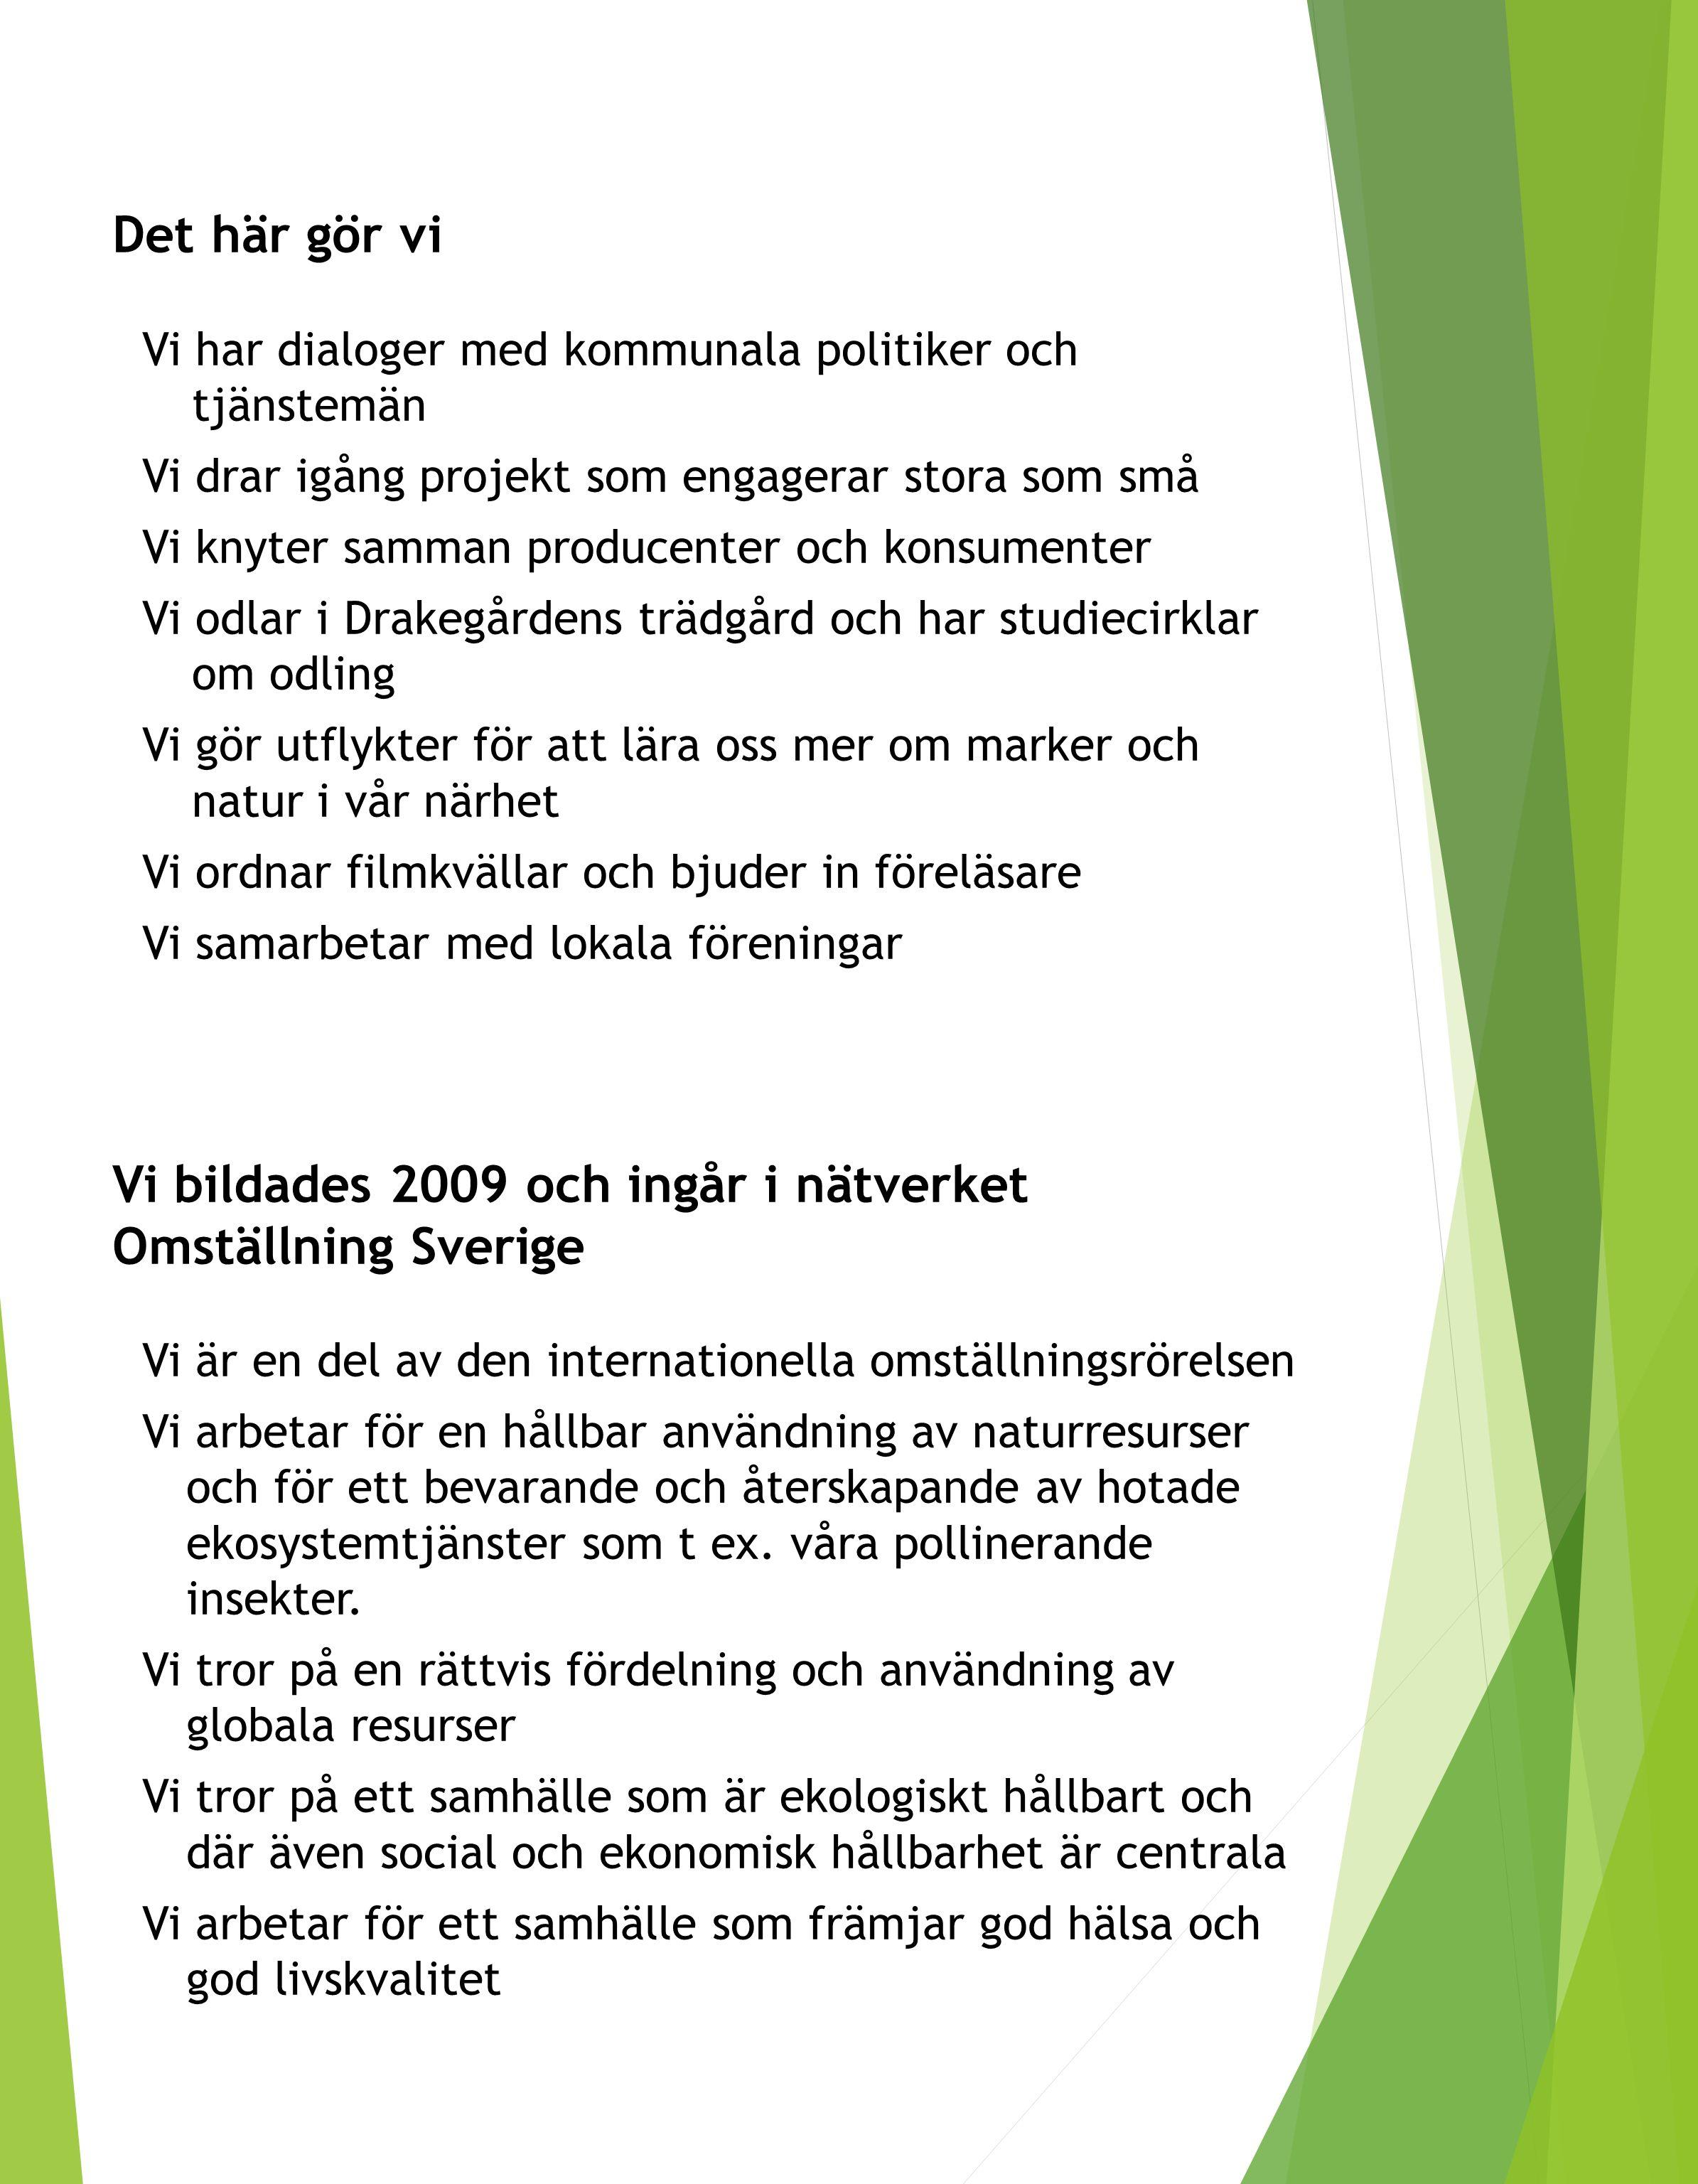 Det här gör vi Vi har dialoger med kommunala politiker och tjänstemän Vi drar igång projekt som engagerar stora som små Vi knyter samman producenter och konsumenter Vi odlar i Drakegårdens trädgård och har studiecirklar om odling Vi gör utflykter för att lära oss mer om marker och natur i vår närhet Vi ordnar filmkvällar och bjuder in föreläsare Vi samarbetar med lokala föreningar Vi bildades 2009 och ingår i nätverket Omställning Sverige Vi är en del av den internationella omställningsrörelsen Vi arbetar för en hållbar användning av naturresurser och för ett bevarande och återskapande av hotade ekosystemtjänster som t ex.